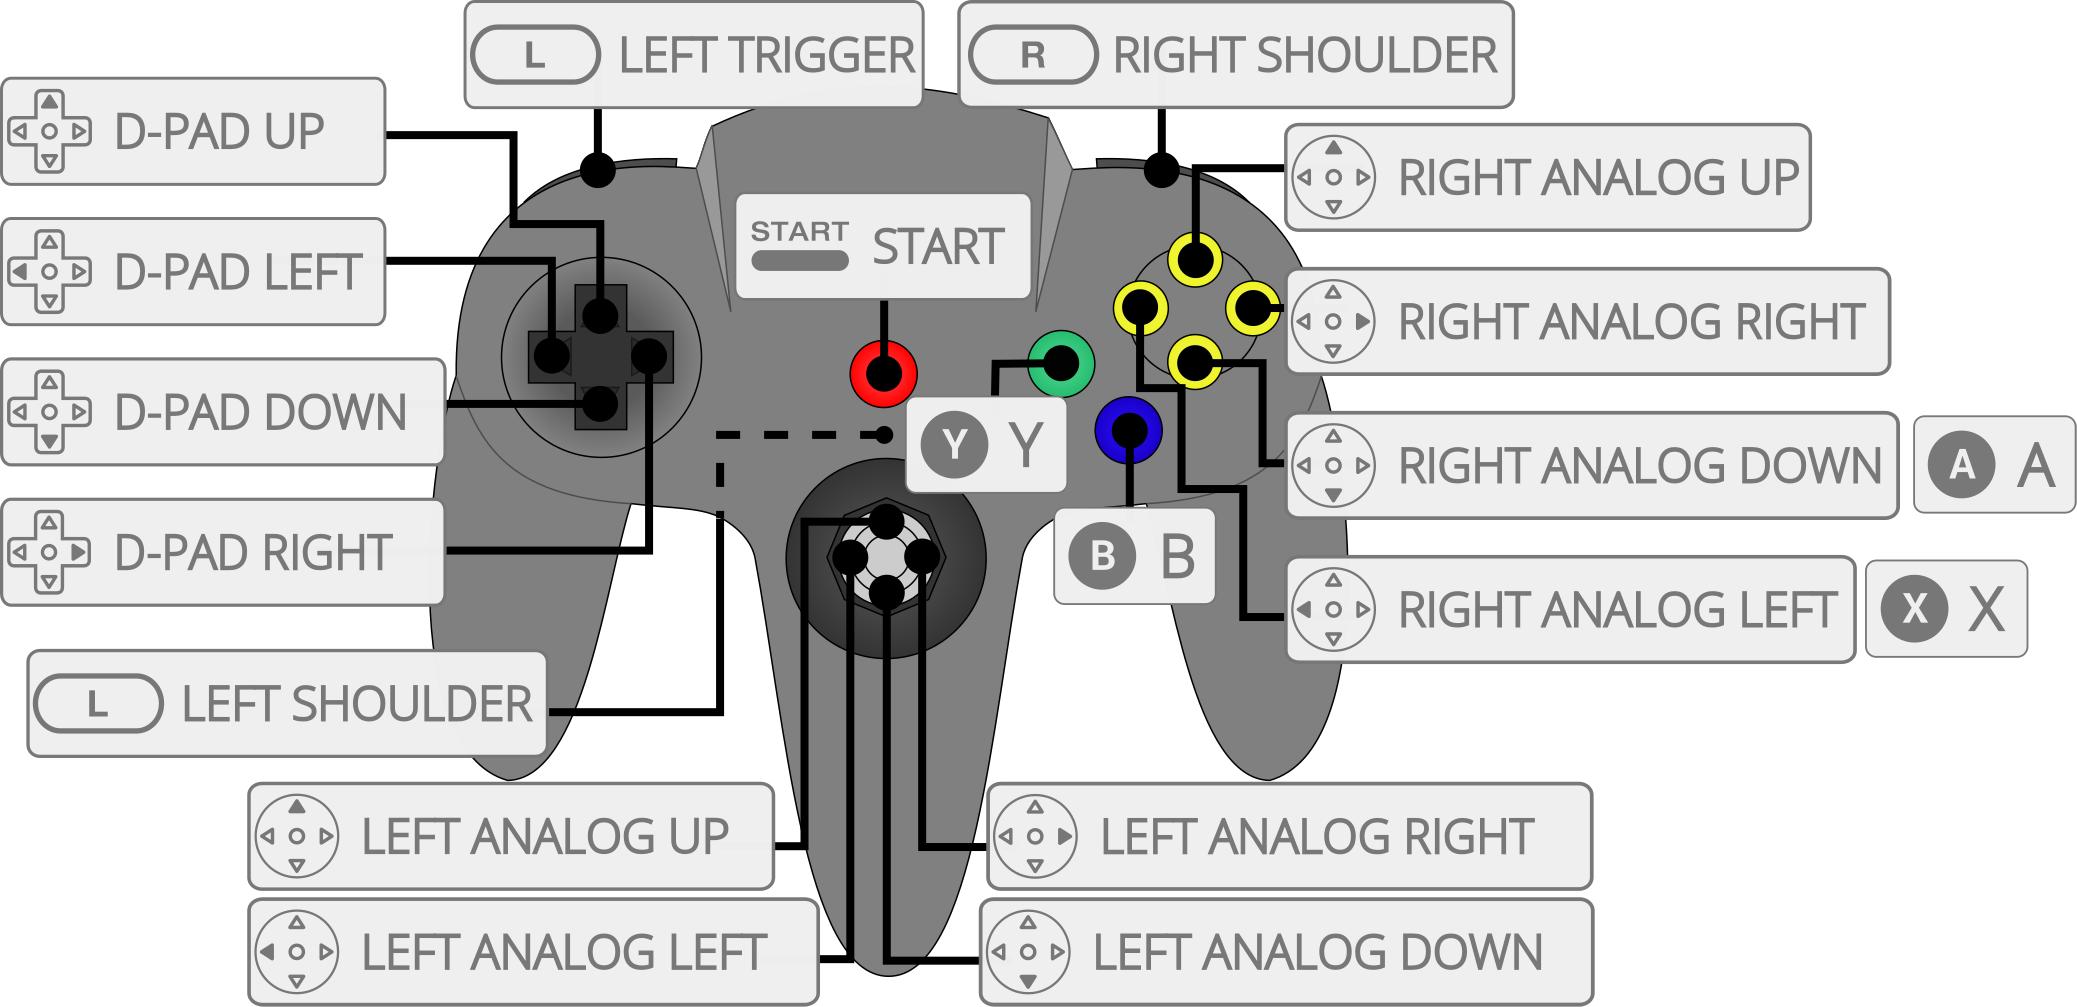 nintendo_n64_mupen64plus_diagram